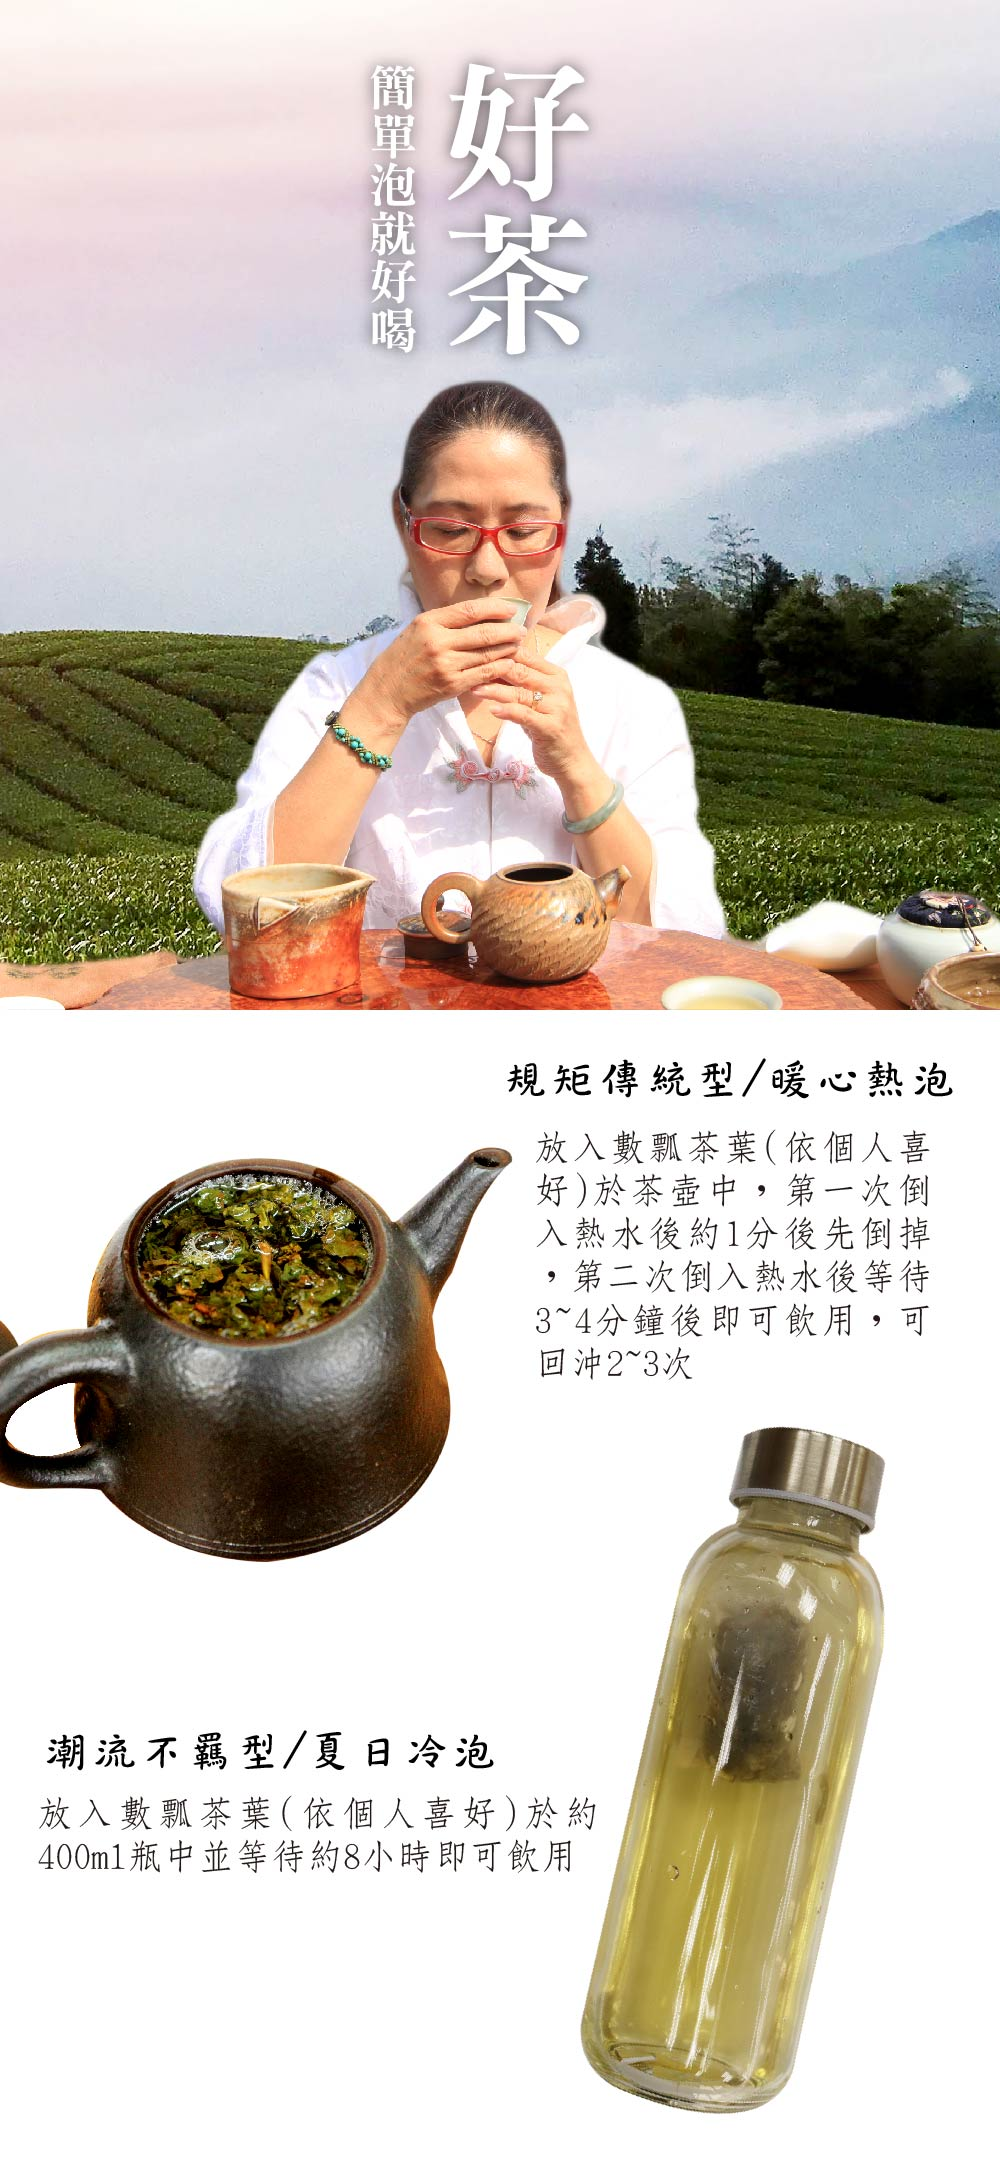 阿里山烏龍茶-好茶簡單泡/熱泡/冷泡都好喝